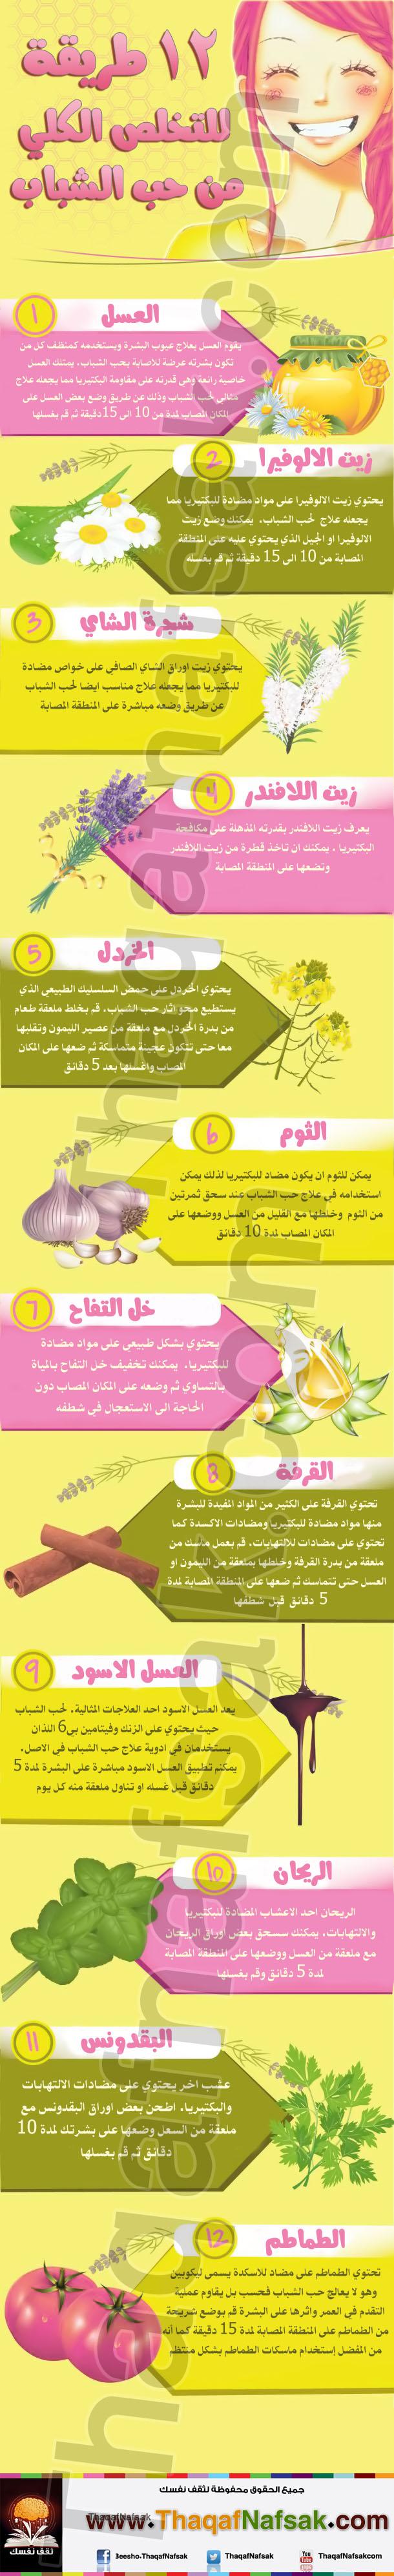 info77-